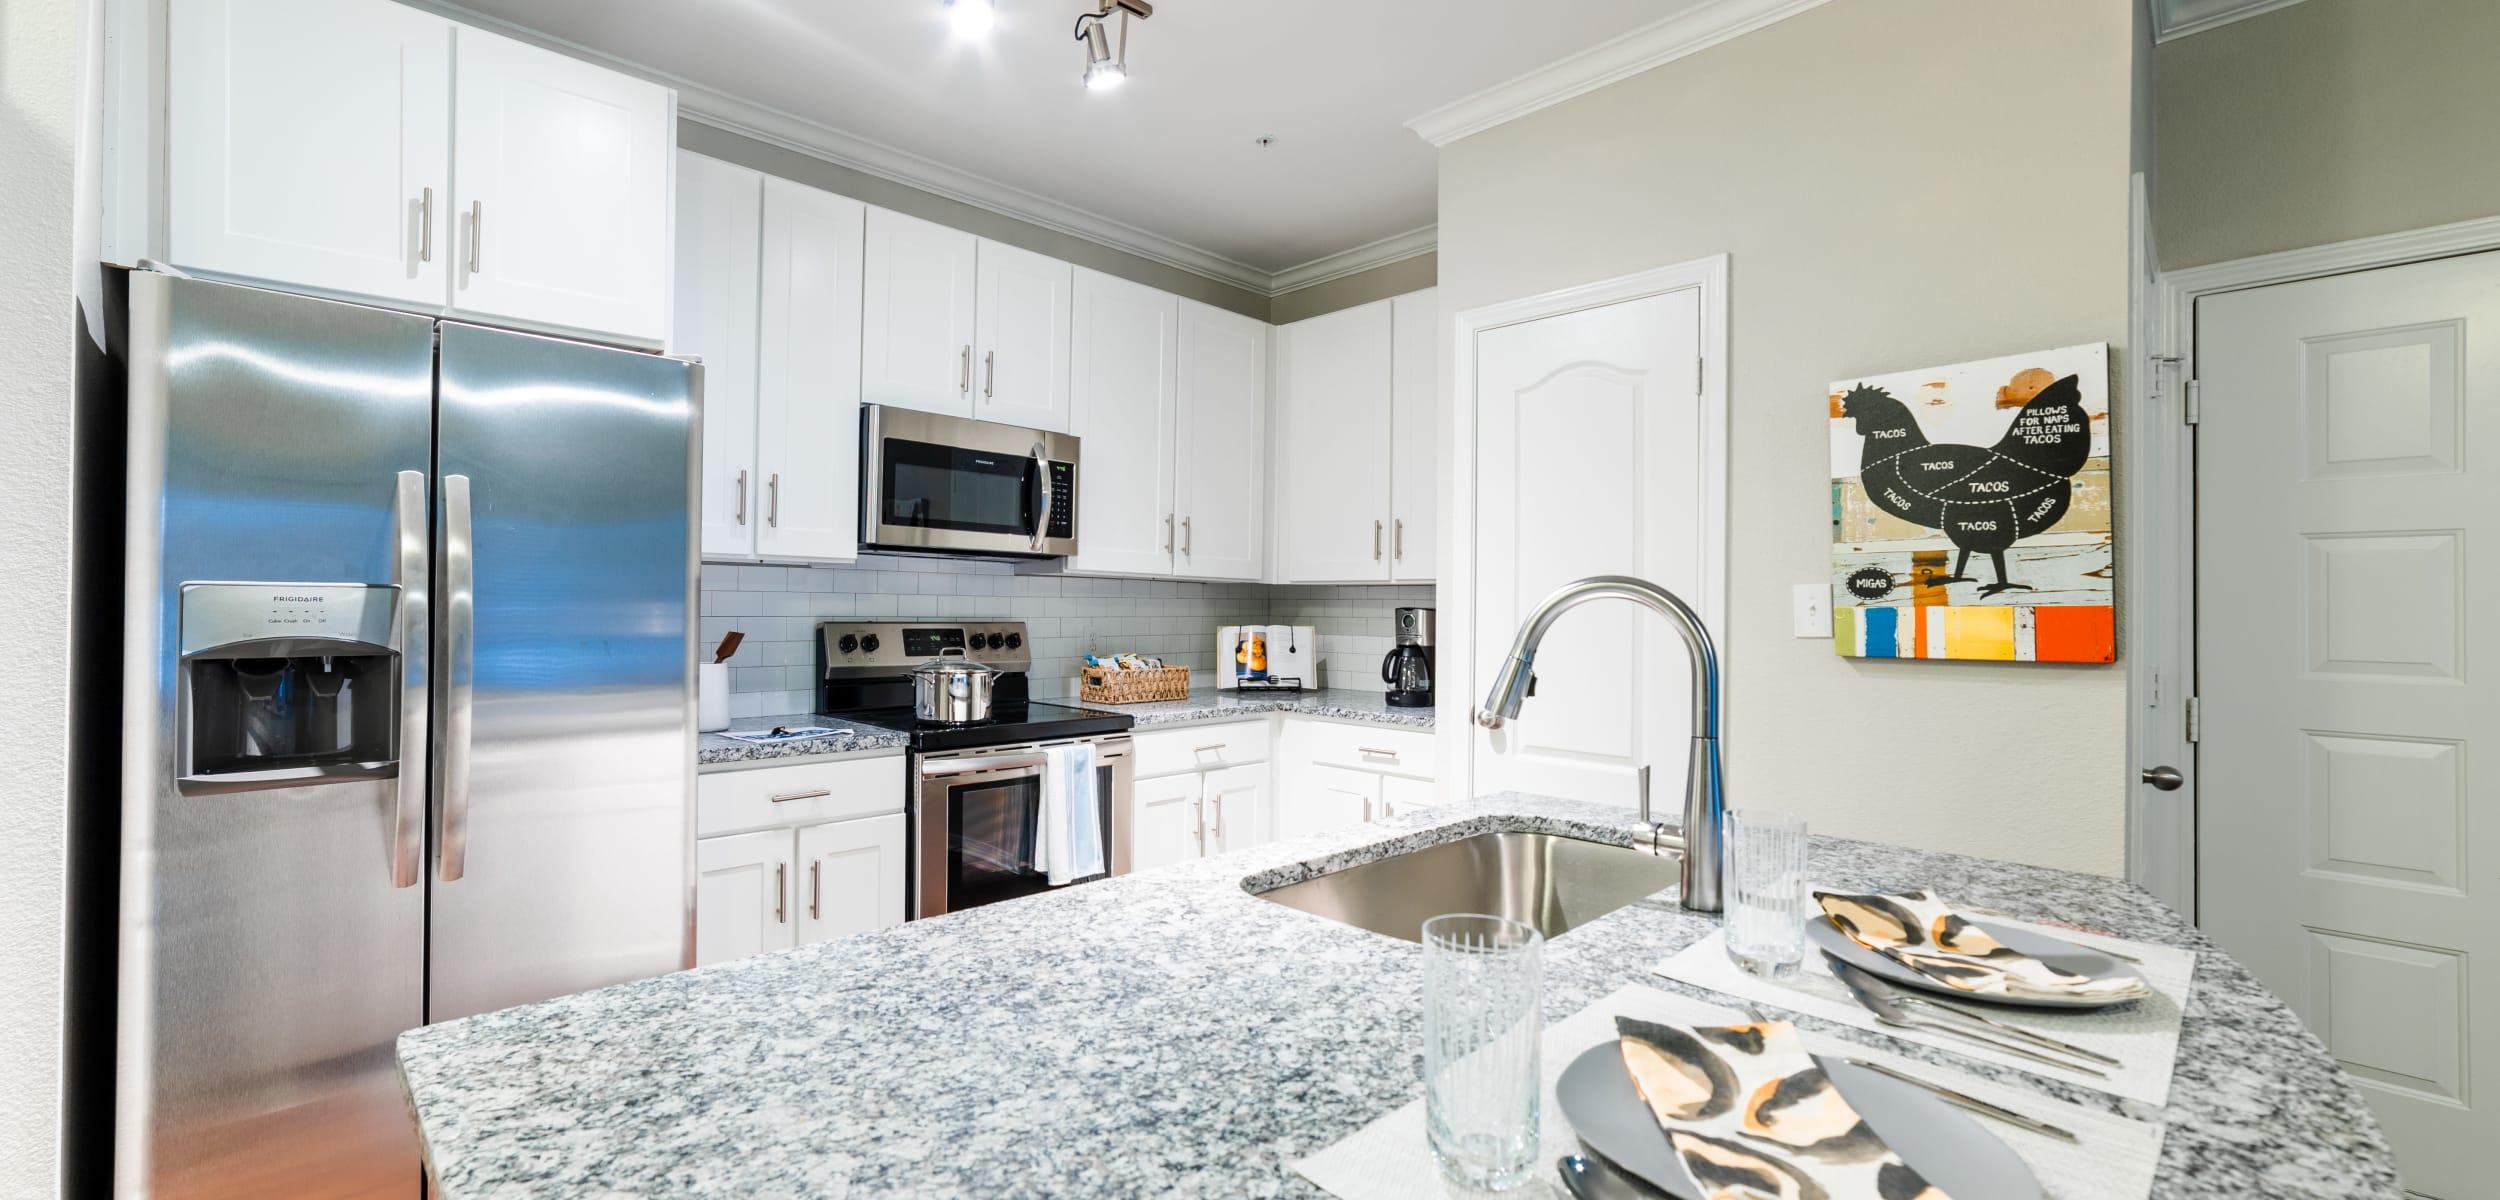 Modern, sleek kitchen at Marquis Parkside in Austin, Texas